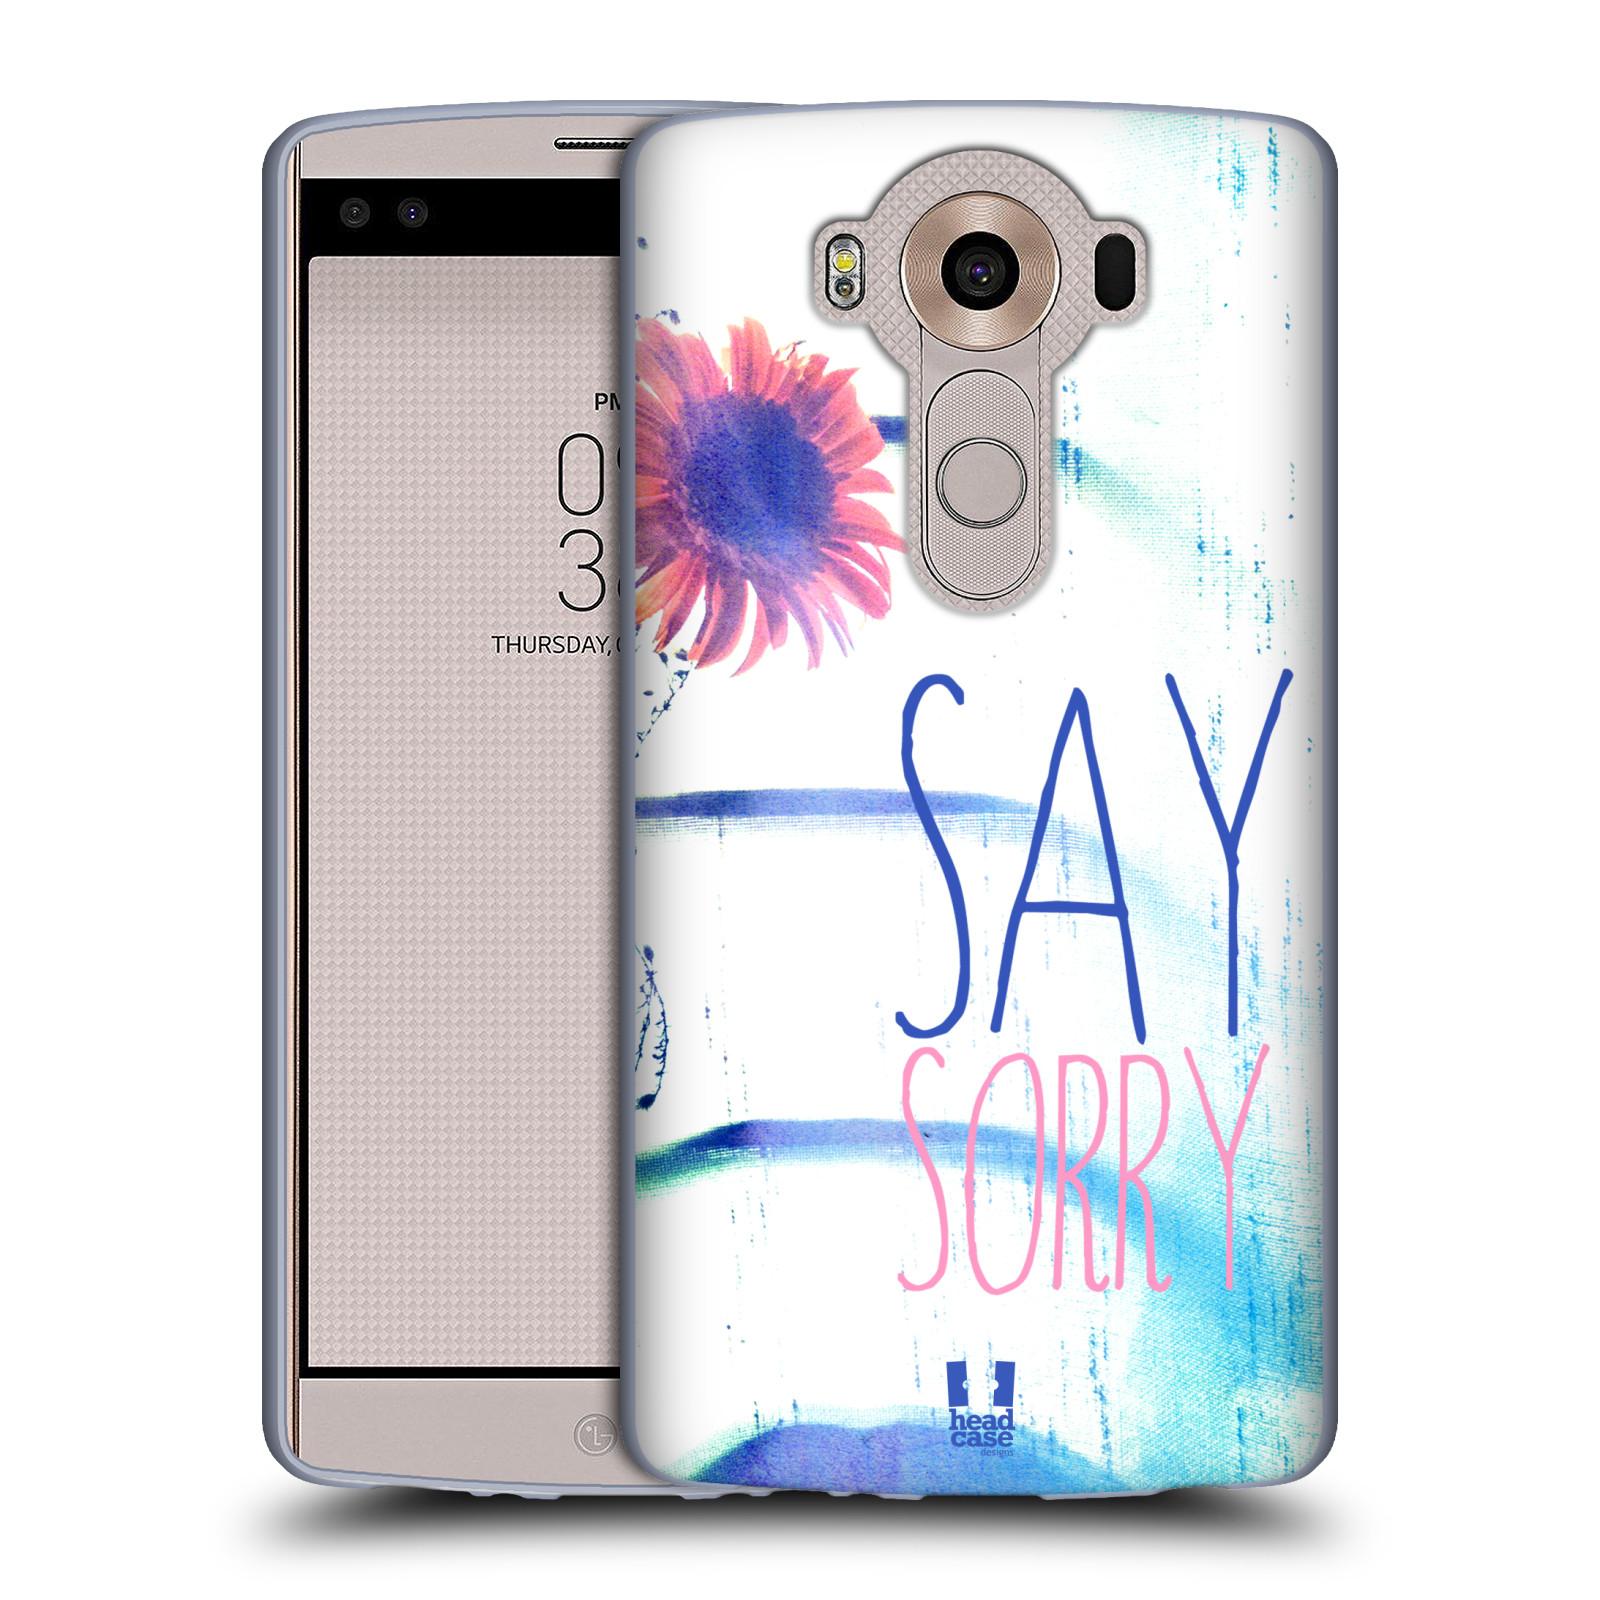 HEAD CASE silikonový obal na mobil LG V10 (H960A) vzor Pozitivní vlny MODRÁ, růžová květina SAY SORRY